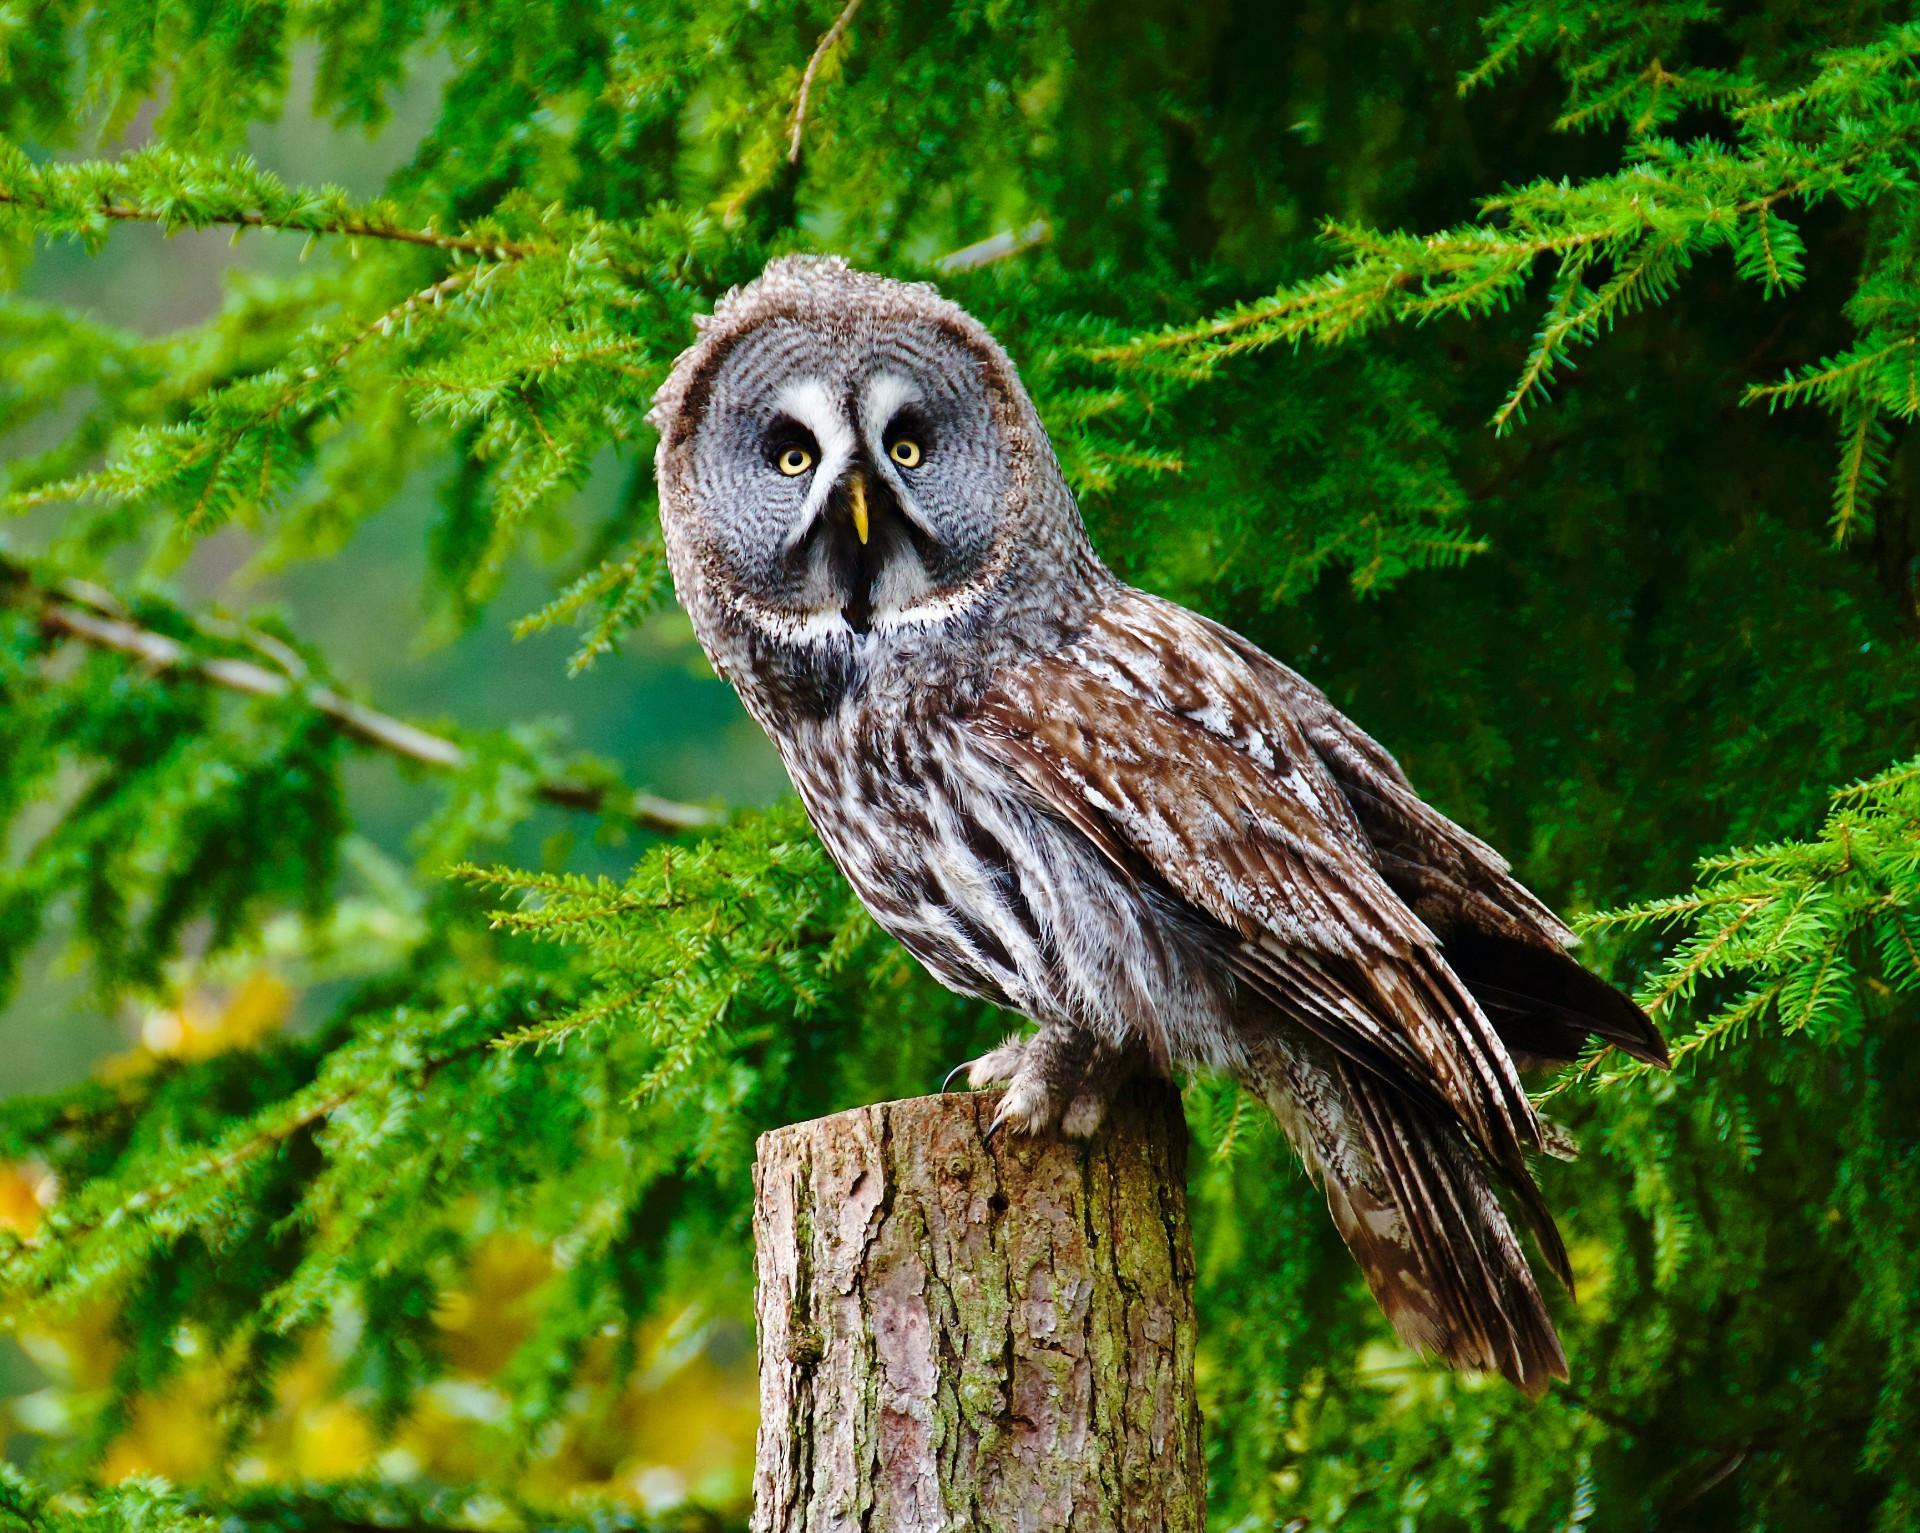 21. Great Grey Owl